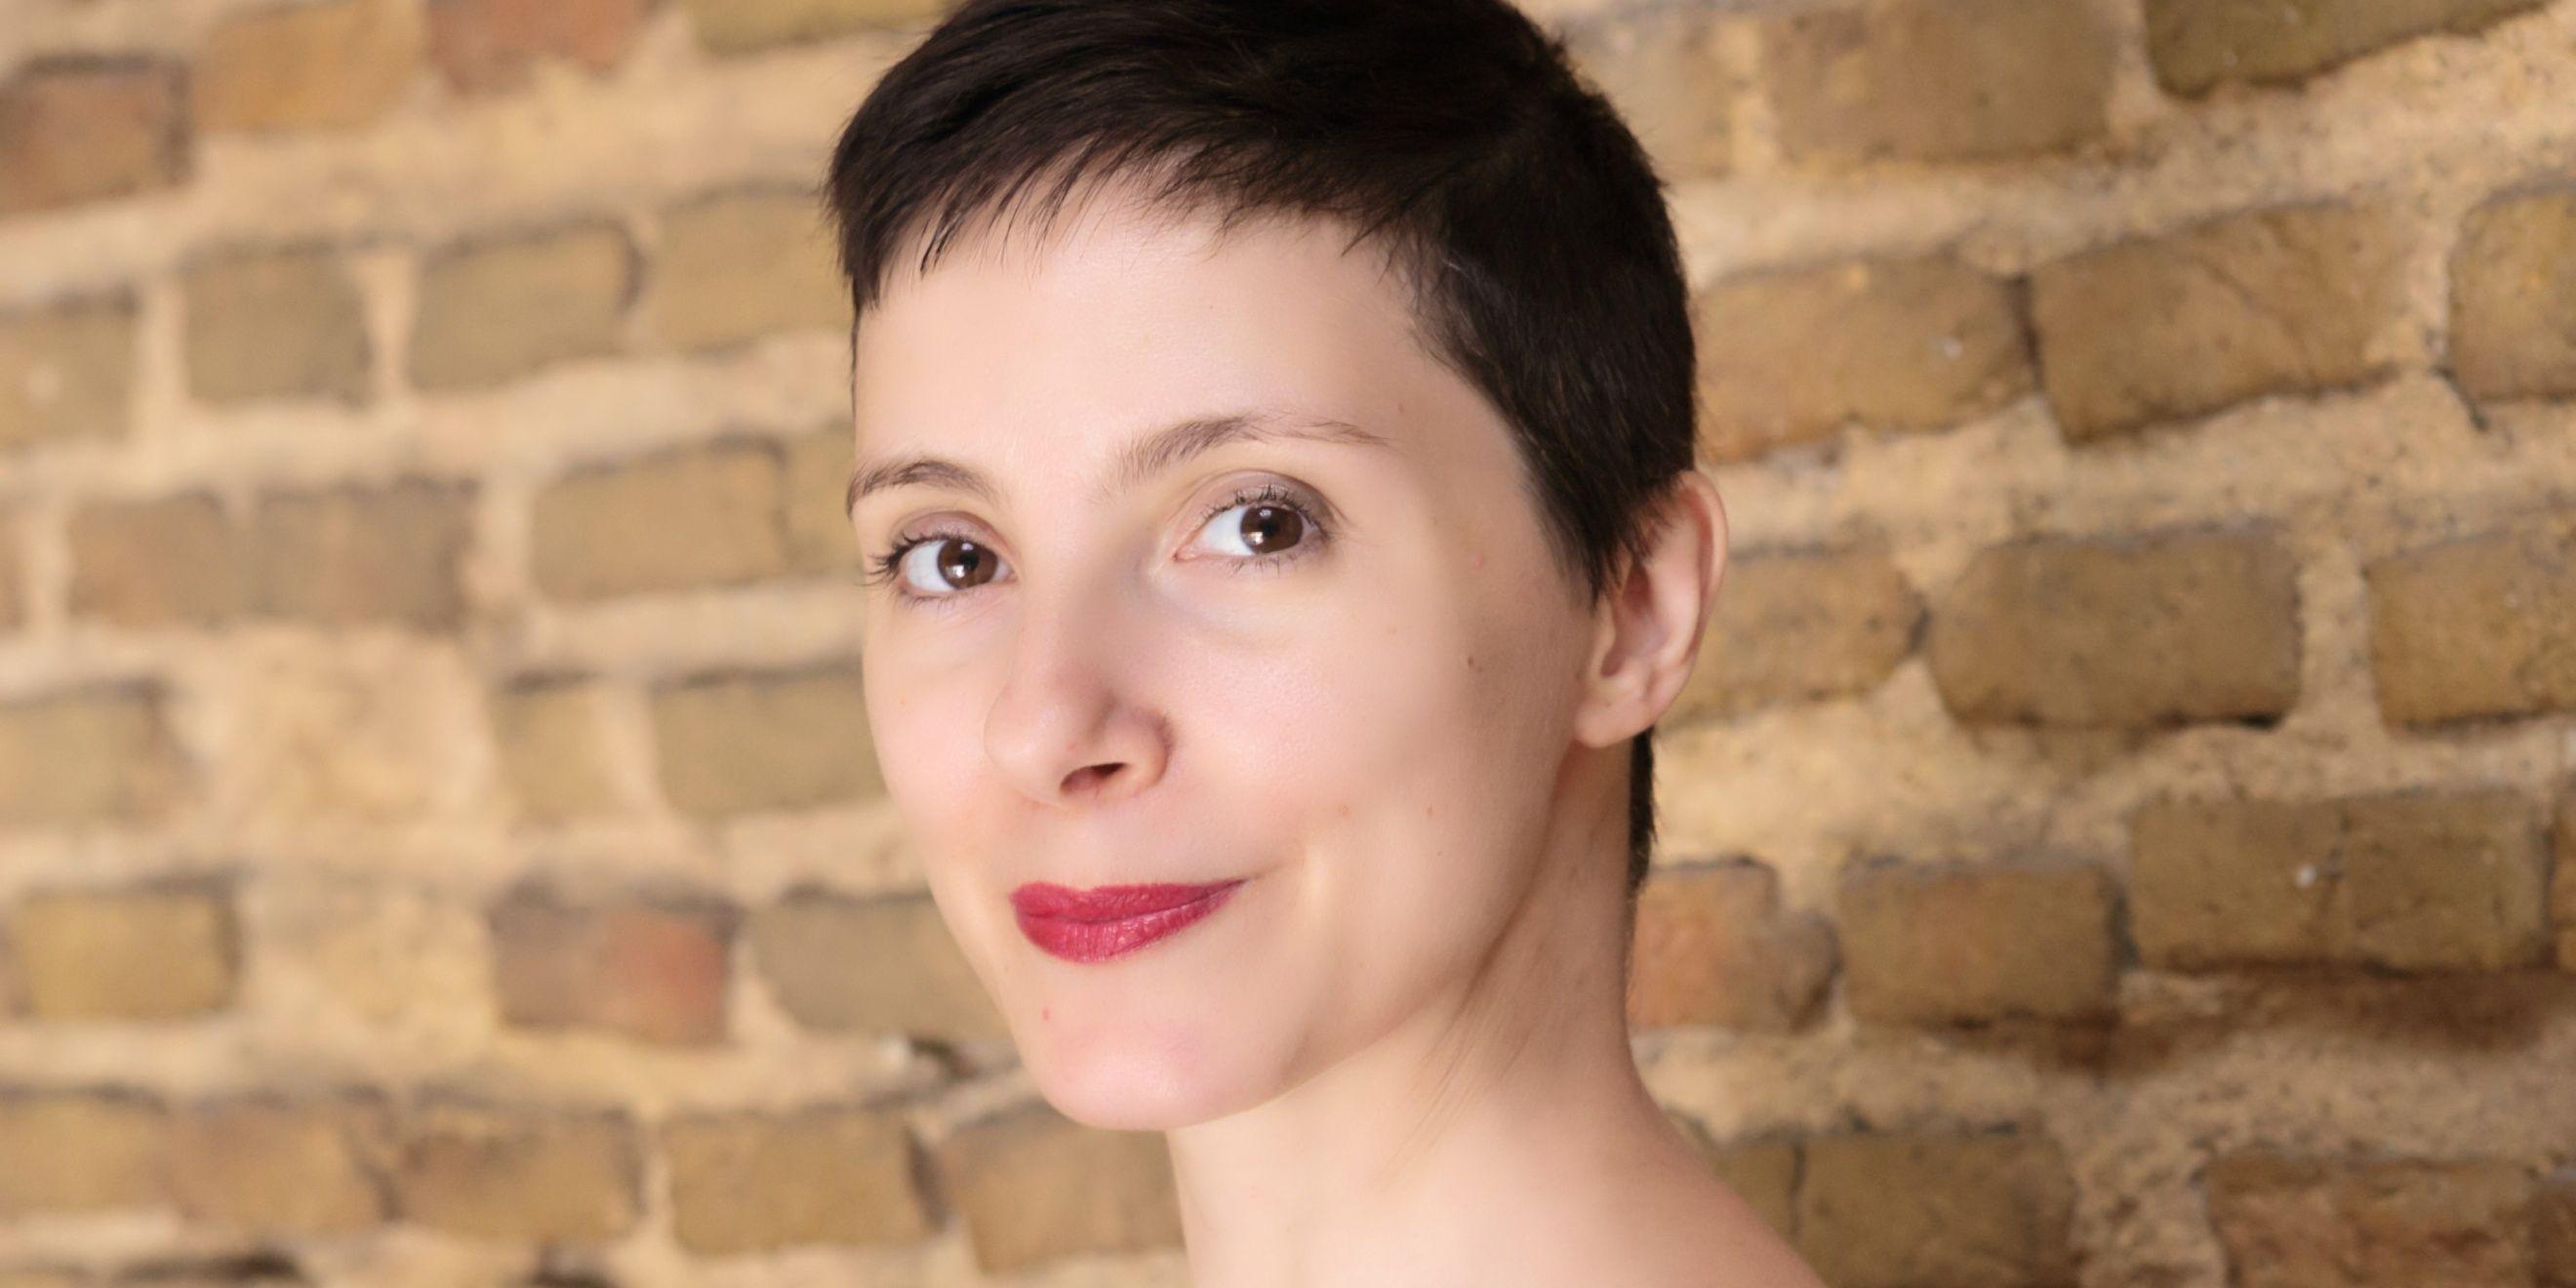 Eriola Pira do të kurojë qendrën e artit në Nju Jork